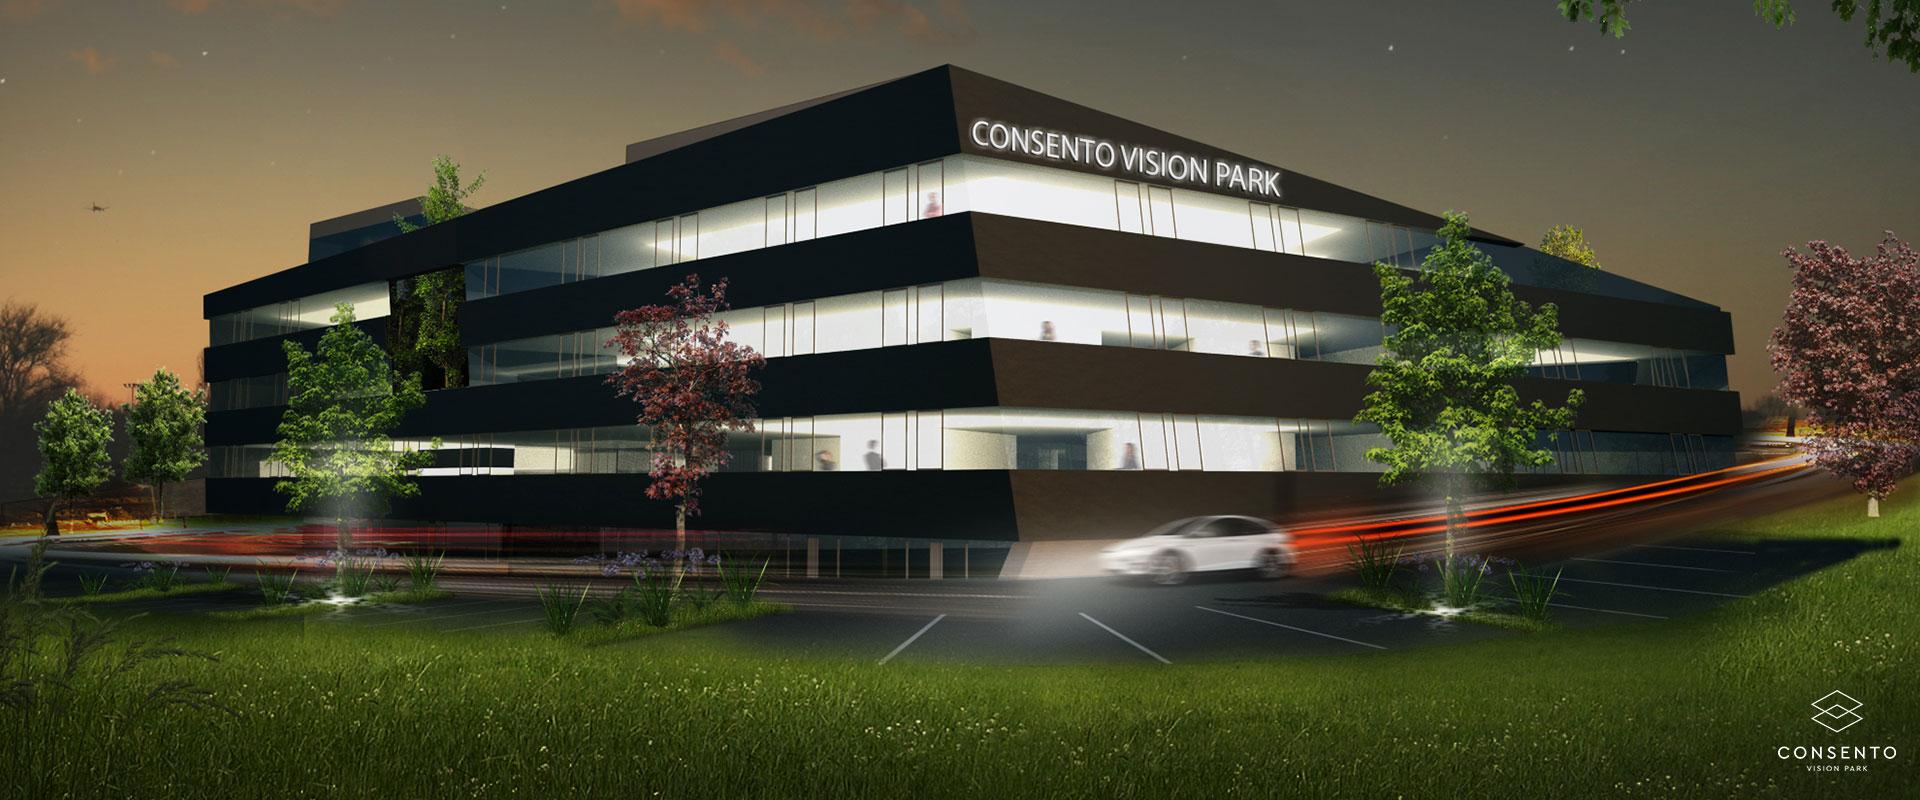 consento-visionpark-plan-3d-01